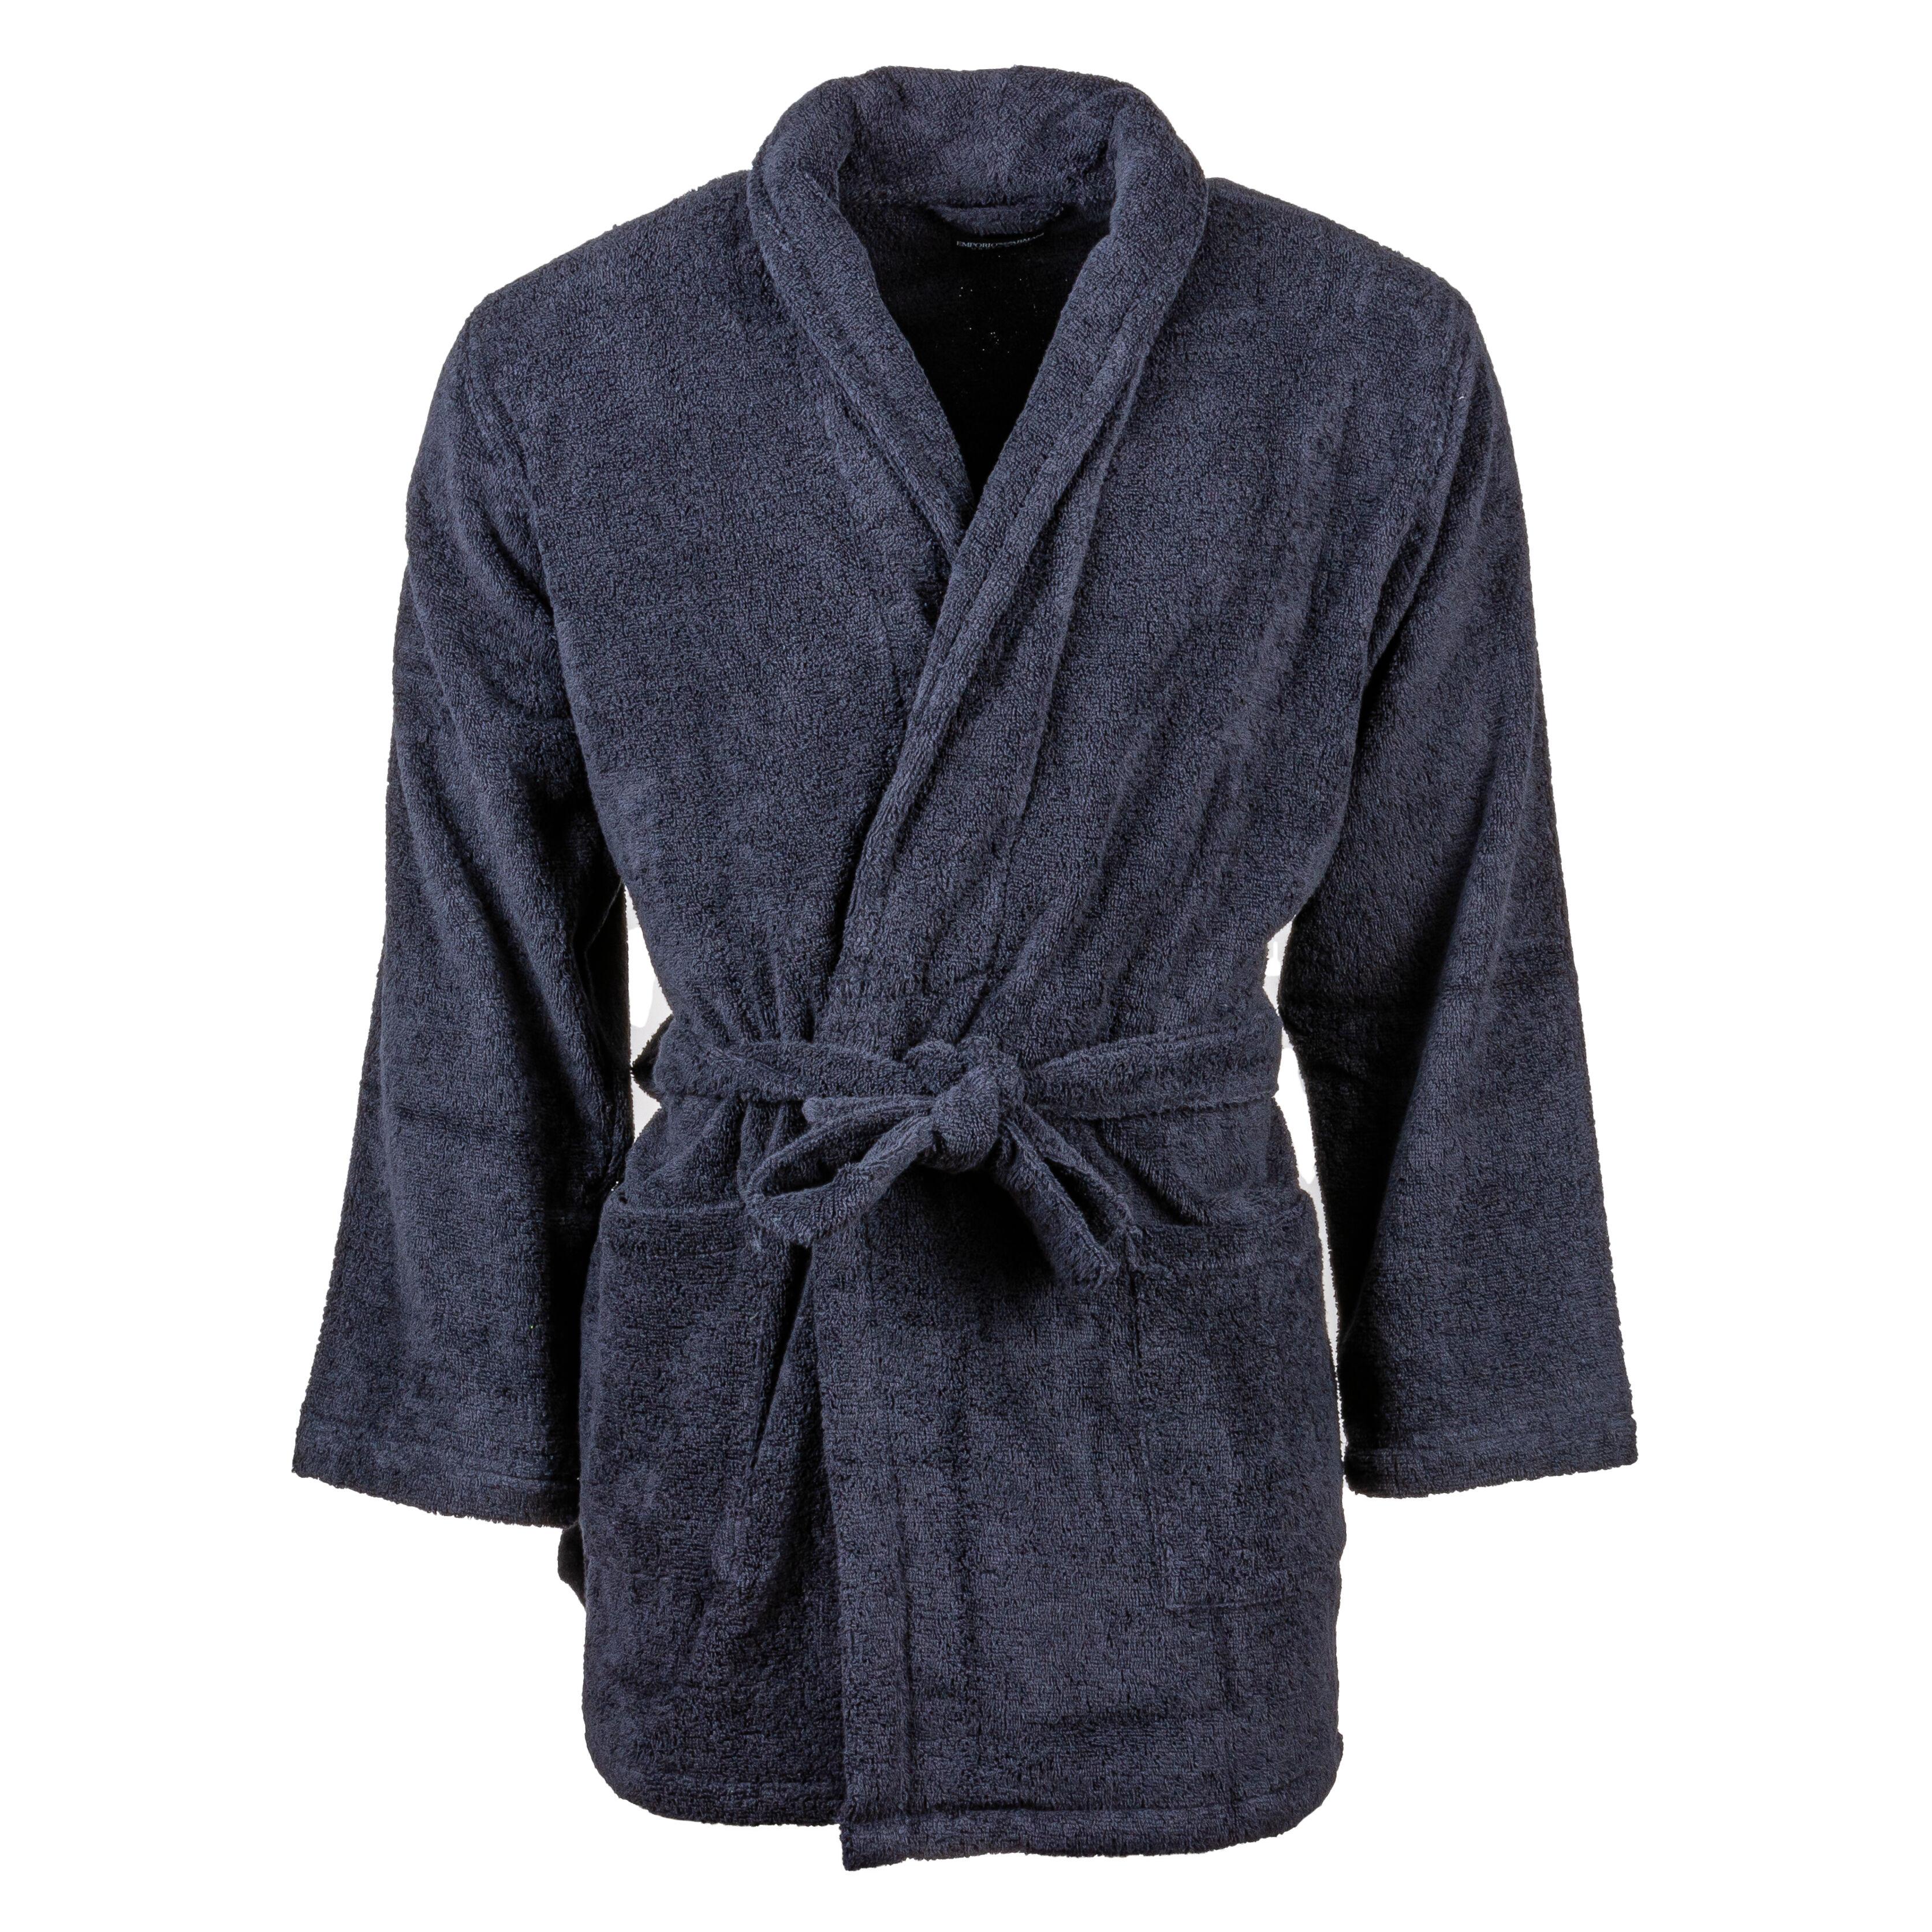 Emporio Armani Peignoir de bain Emporio Armani en éponge bleu marine au logo gris - BLEU -